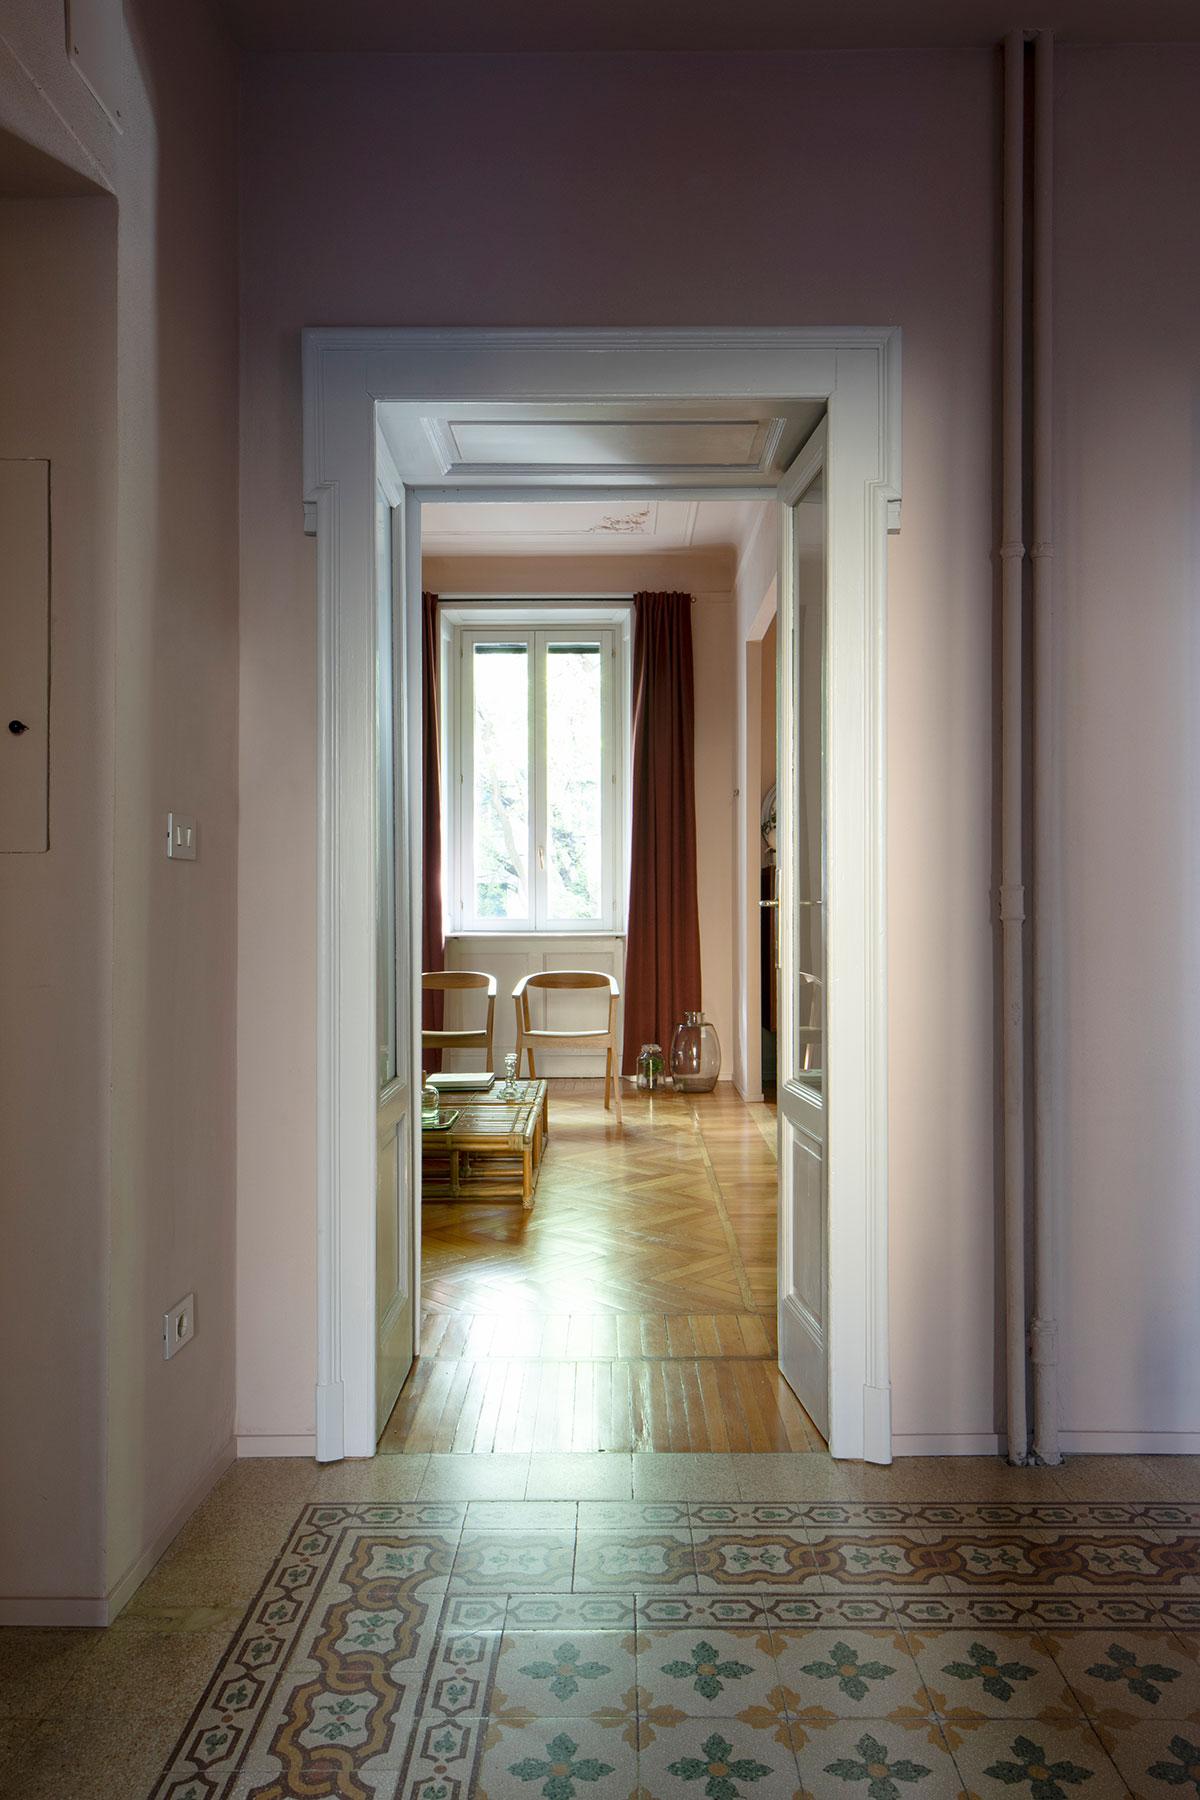 kickoffice casa da hallway terrazzo marmette pink door